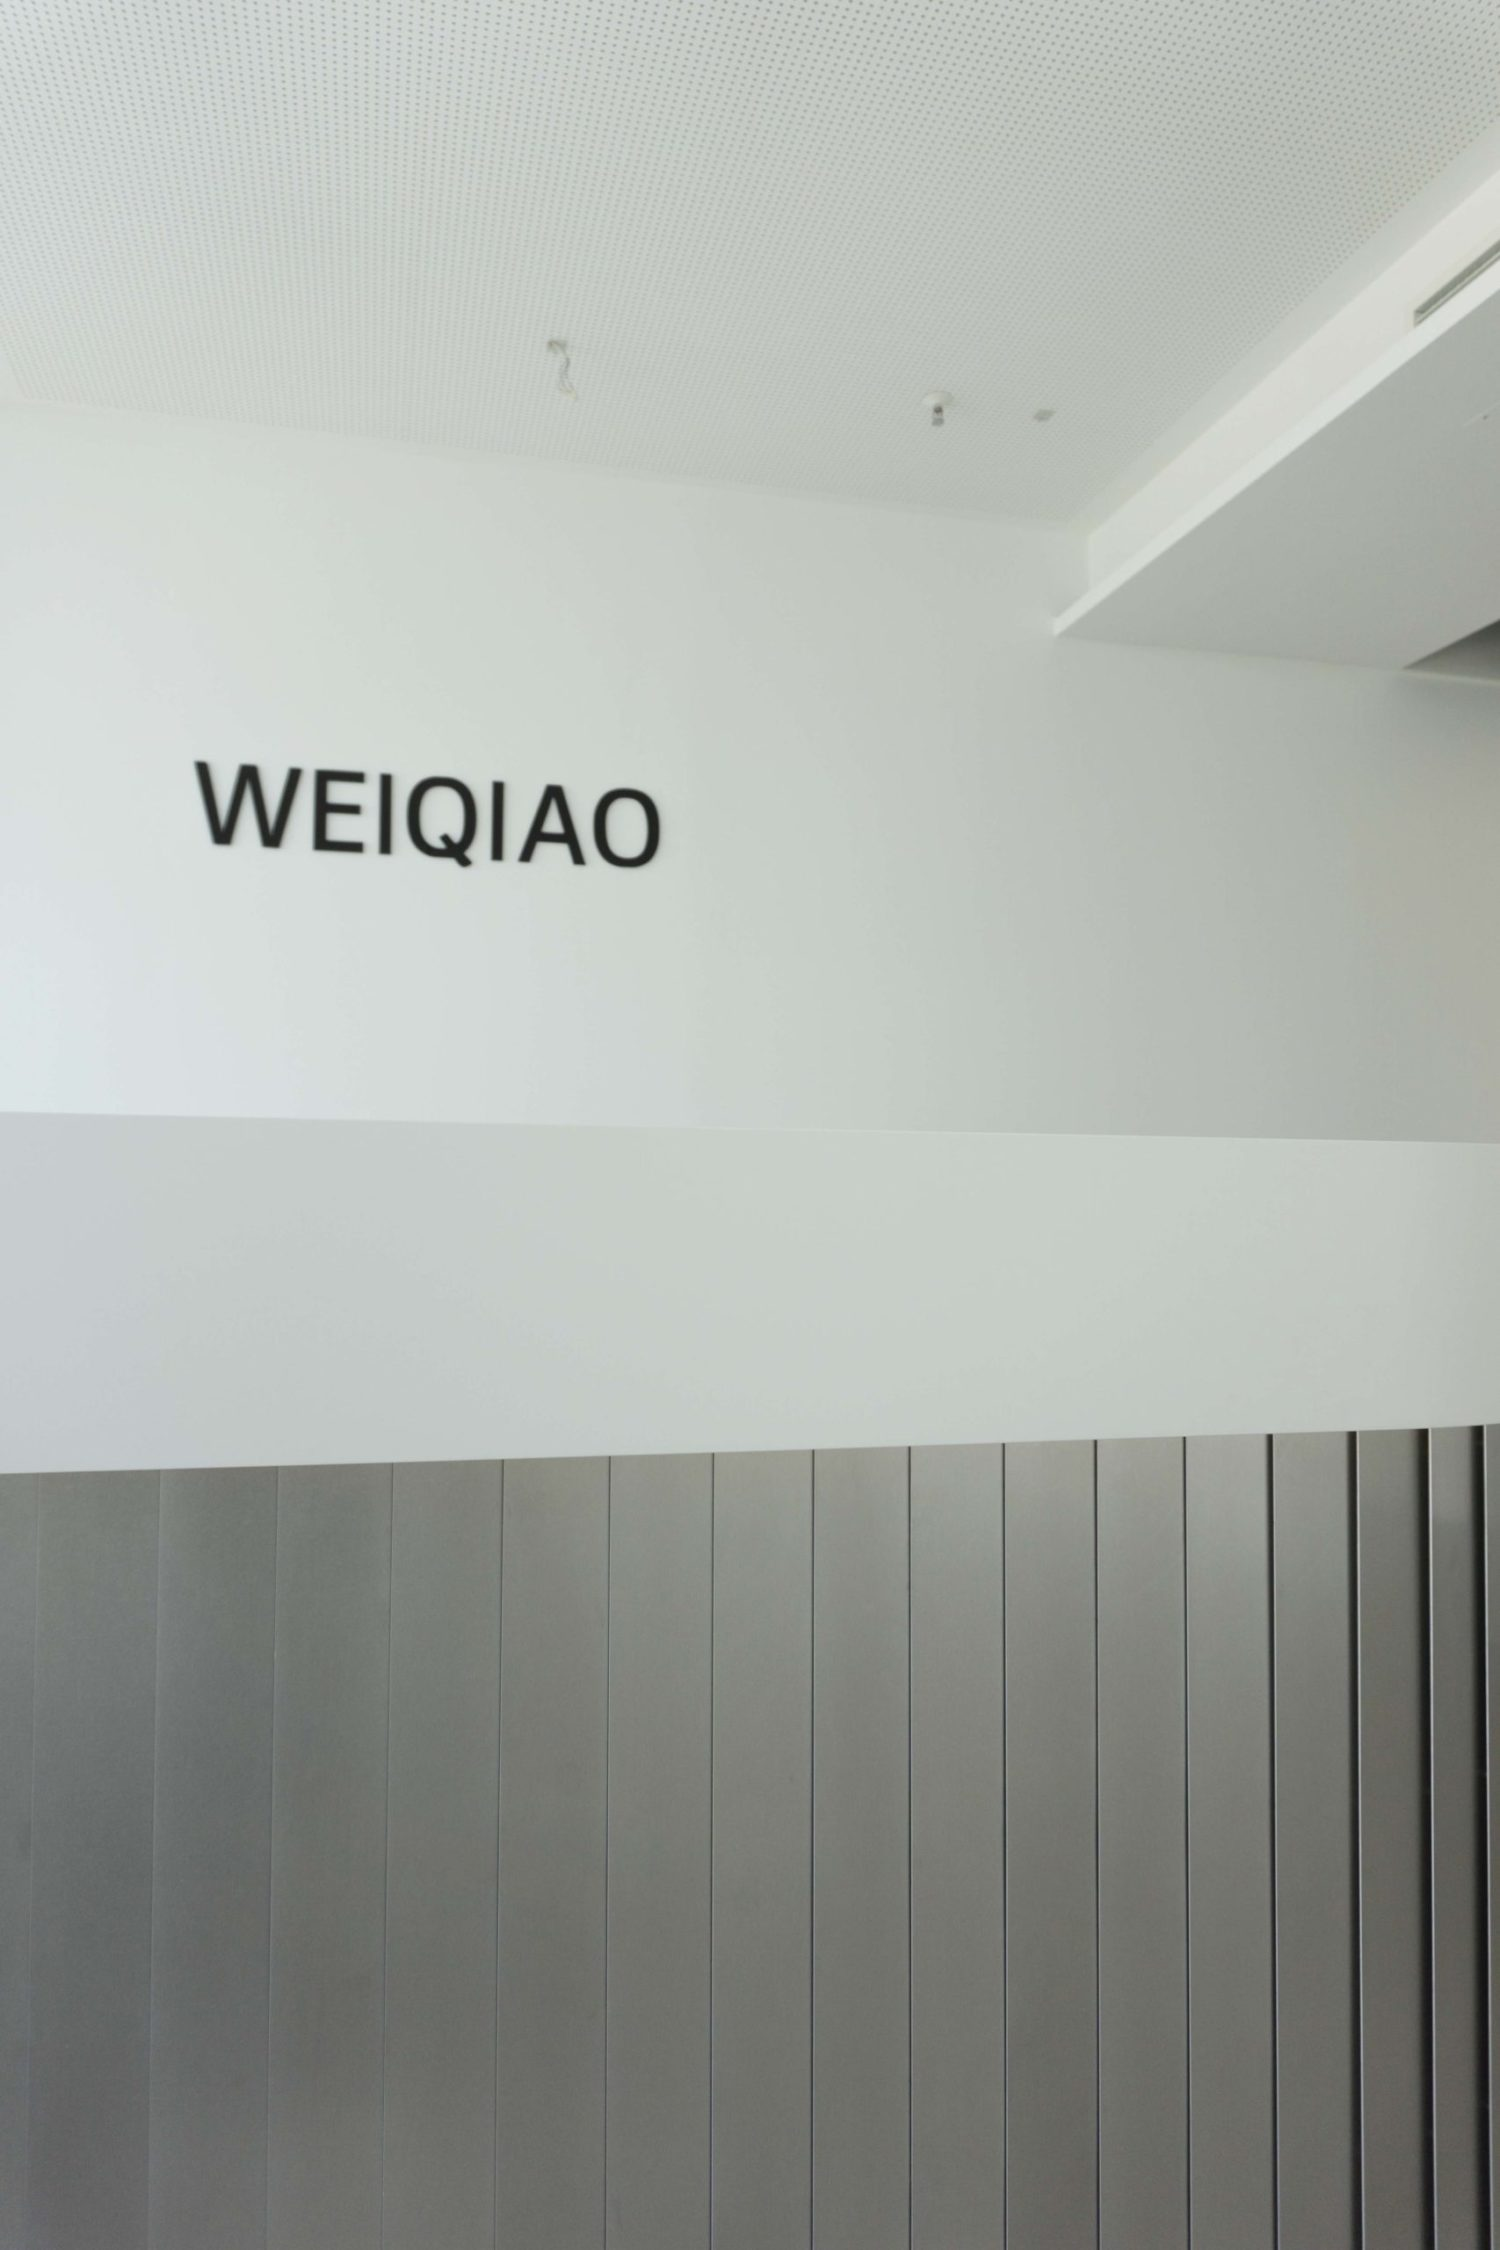 WEIQIAO_Empfang_Konture